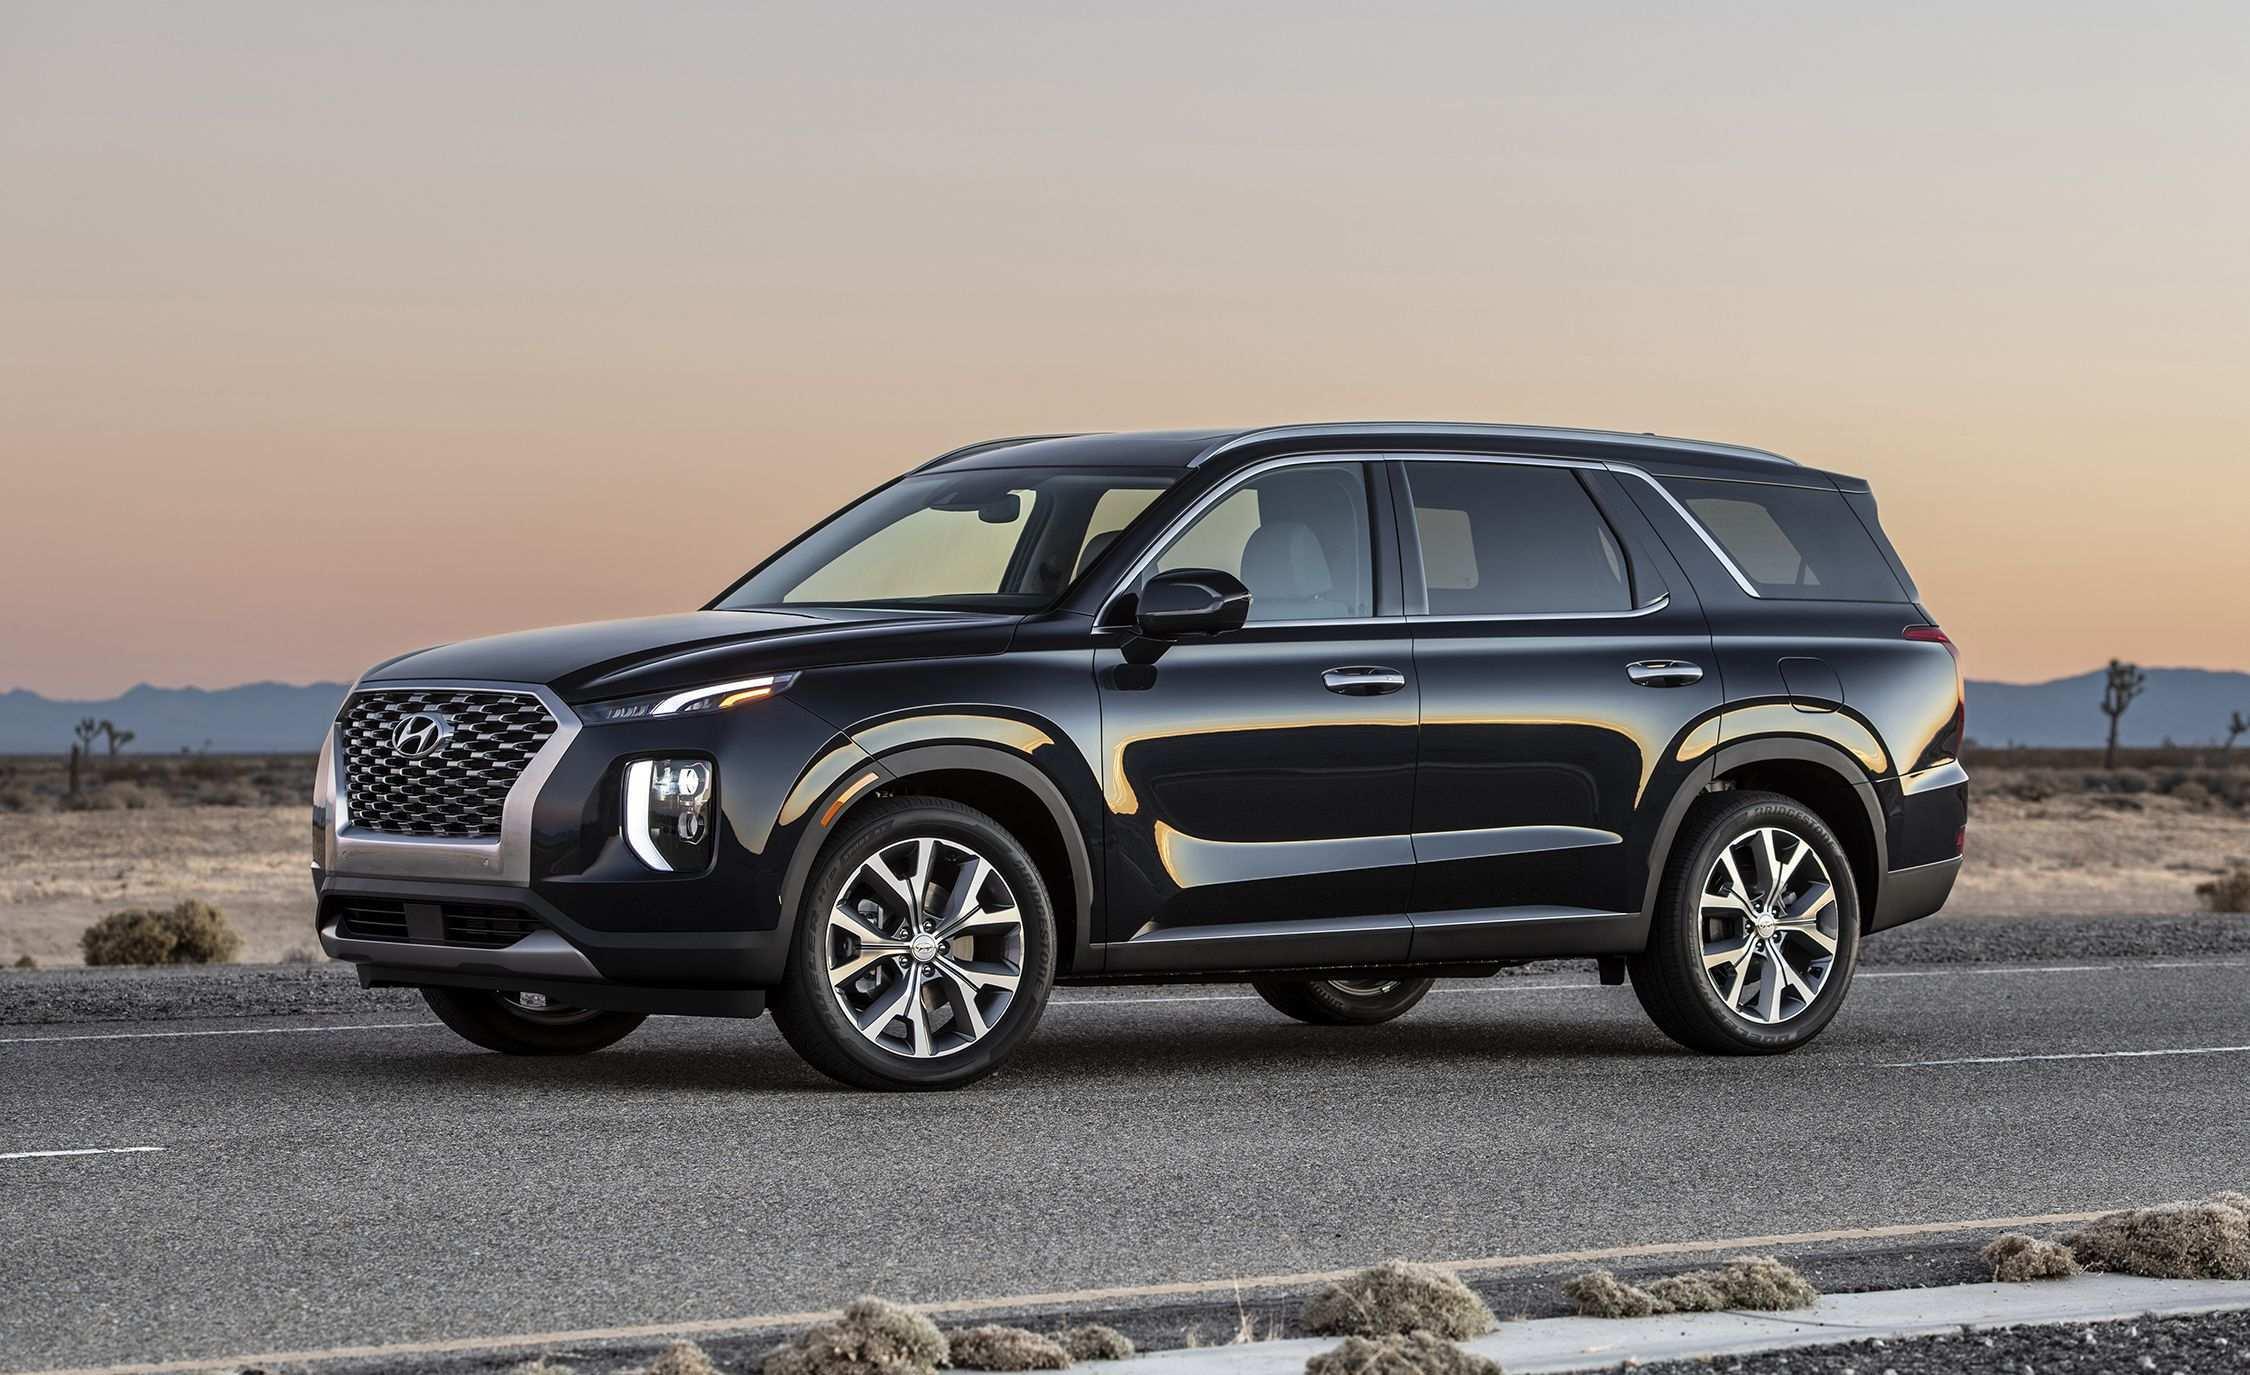 99 Best Review 2020 Hyundai Vehicles Performance with 2020 Hyundai Vehicles